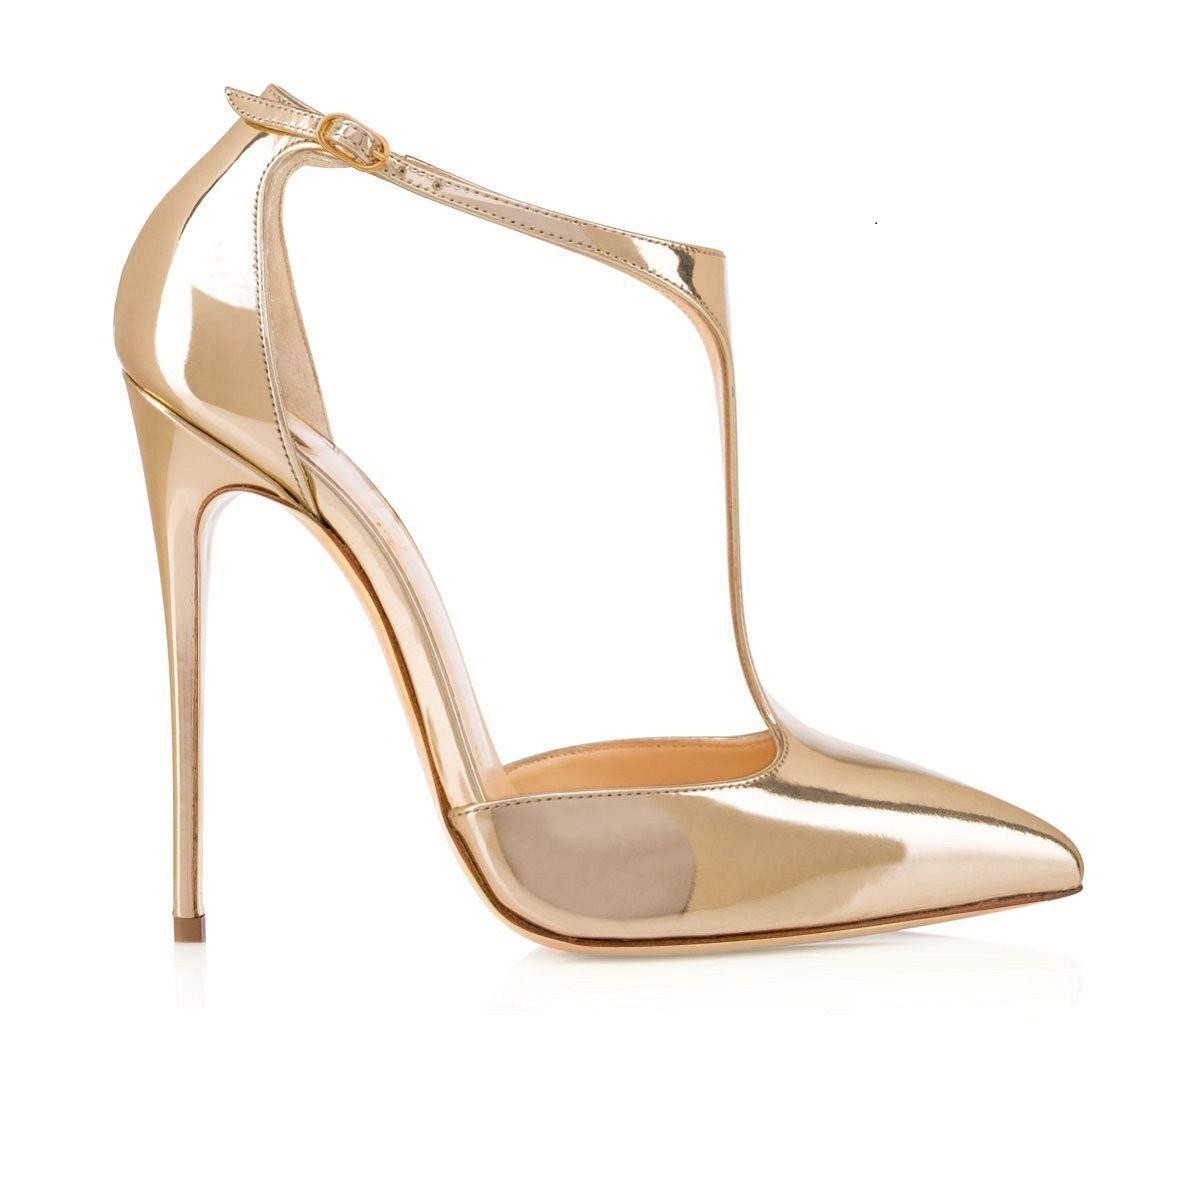 Sandali con tacco a spillo con cinturino alla caviglia a punta tonda con cinturino alla caviglia da 120 mm J di Karmran